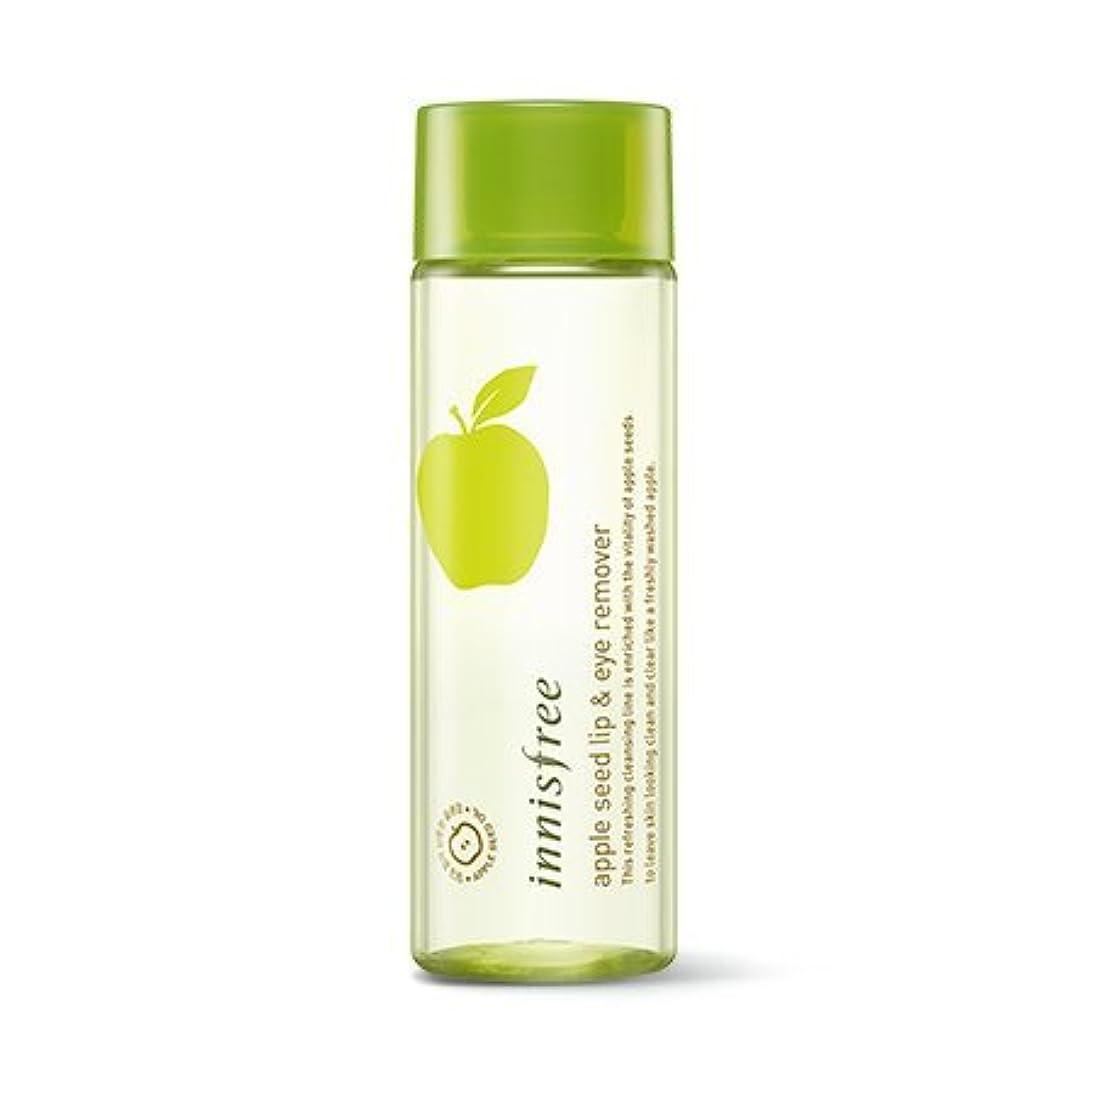 ベリー入場予定[New] innisfree Apple Seed Lip & Eye Remover 100ml/イニスフリー アップル シード リップ&アイ リムーバー 100ml